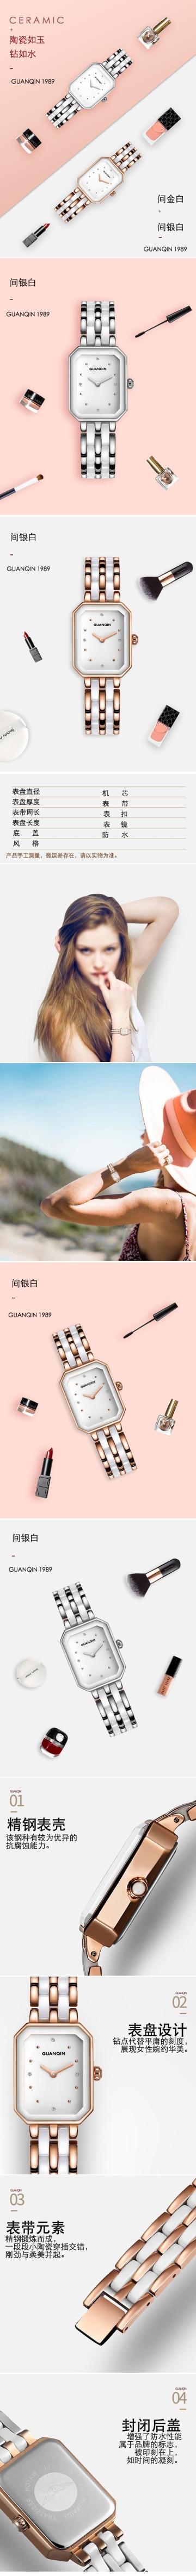 粉色简约时尚手表电商宣传营销宝贝详情